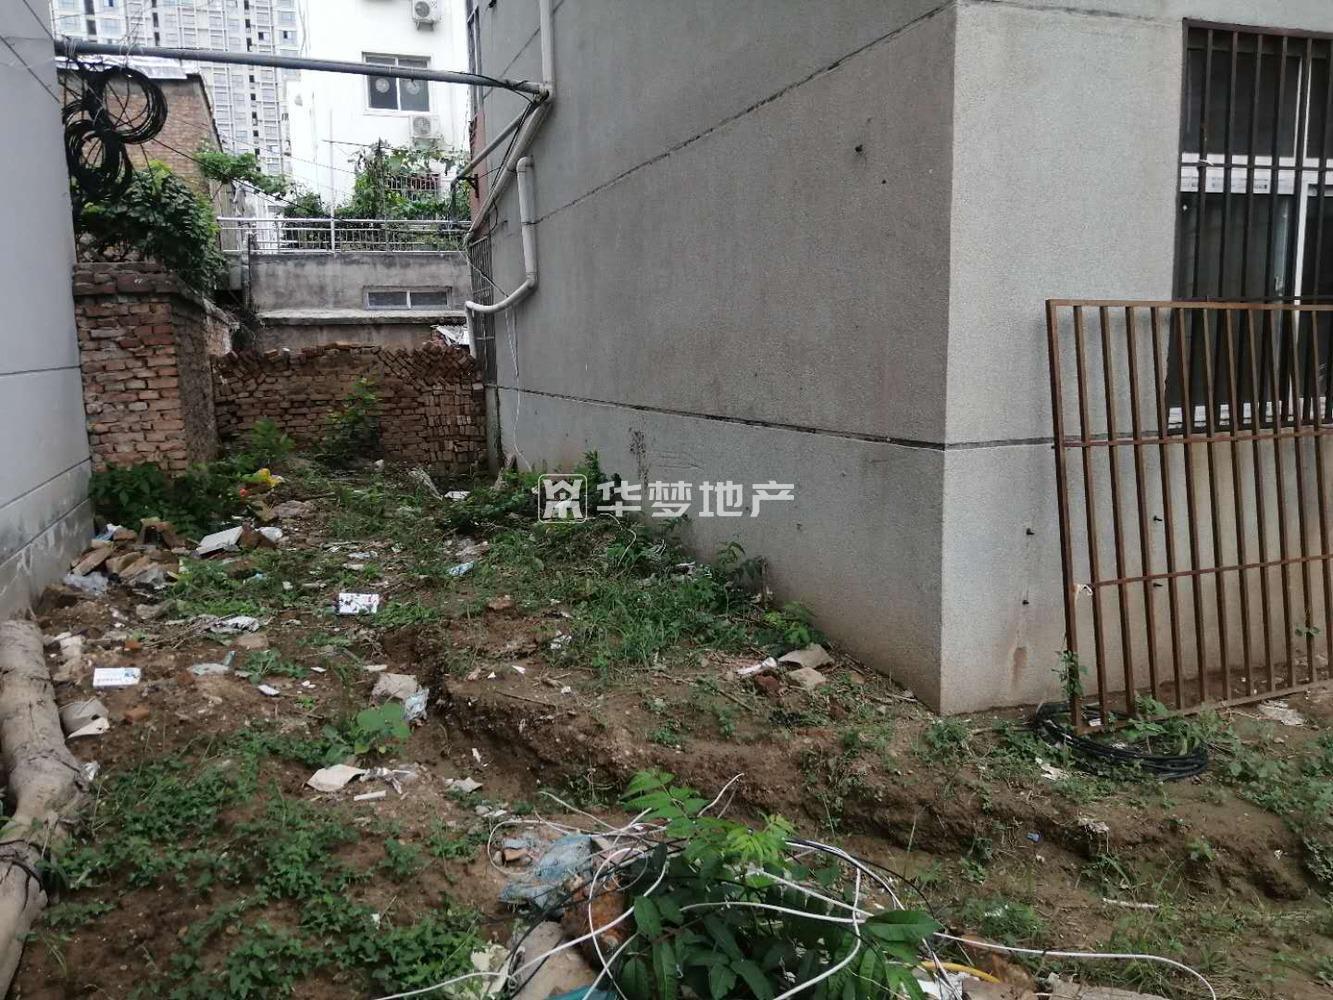 邮政小区(中原路玉门路)